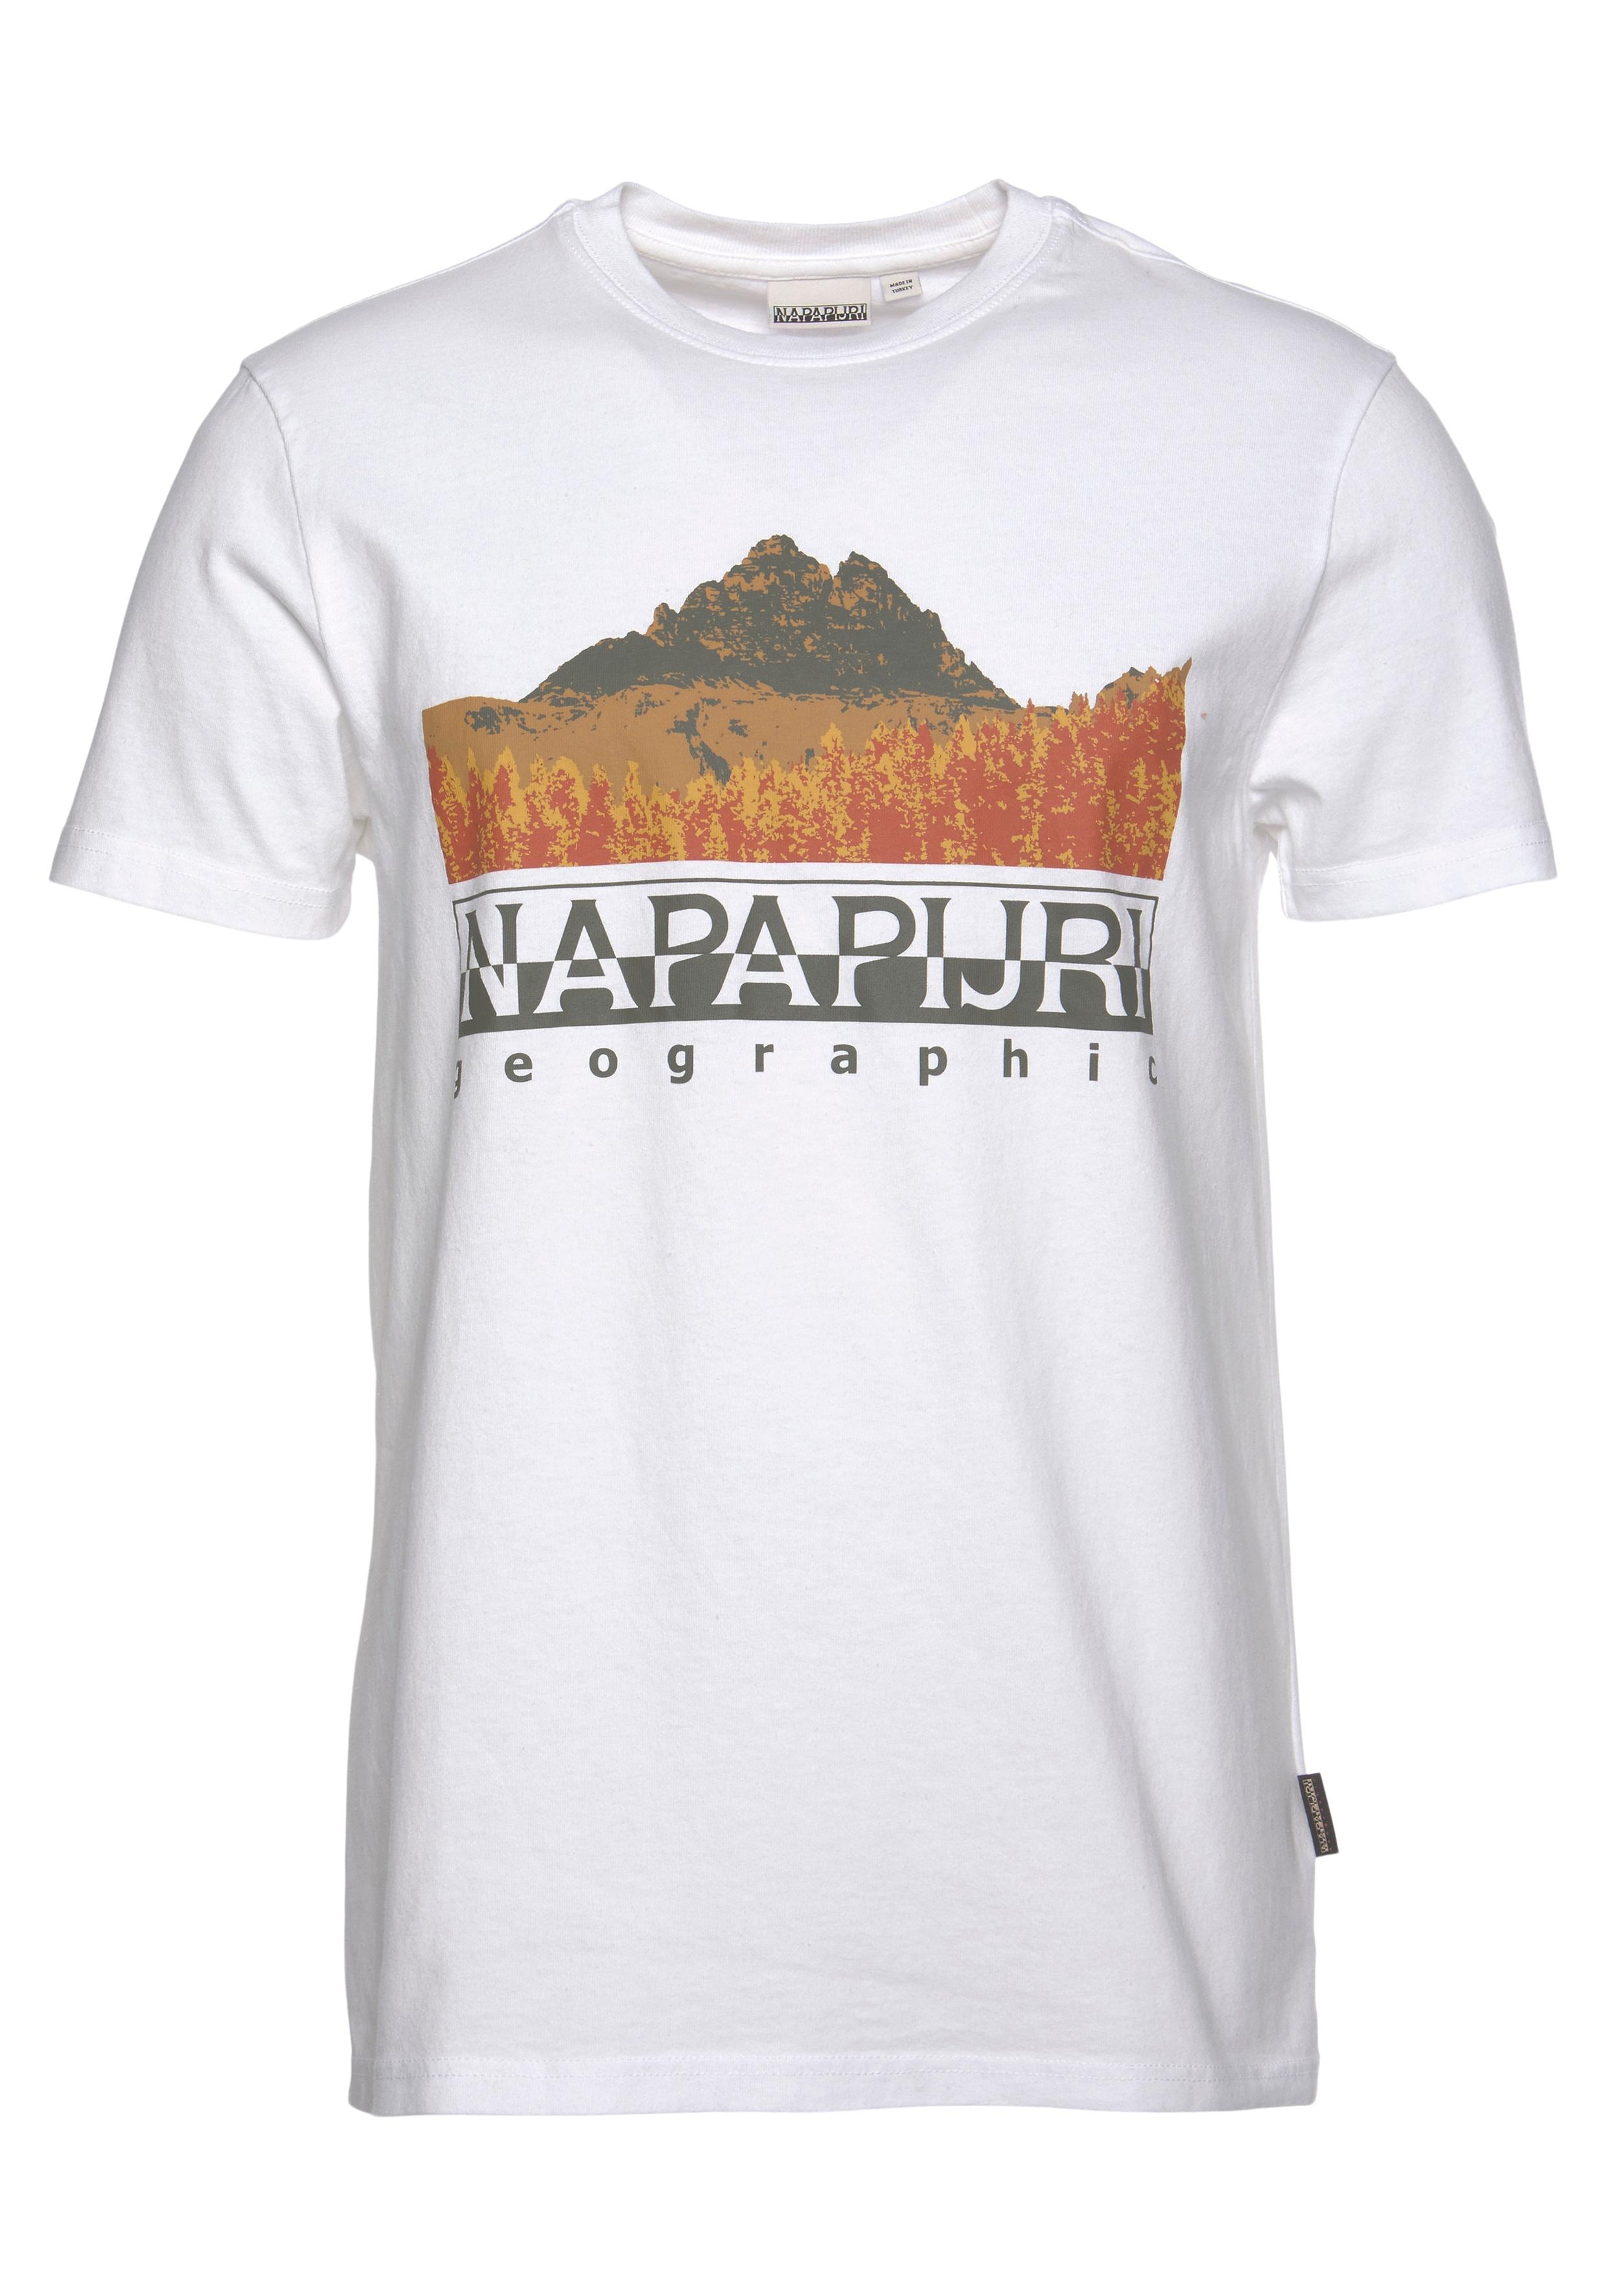 napapijri -  T-Shirt SETT SS, mit Frontprint